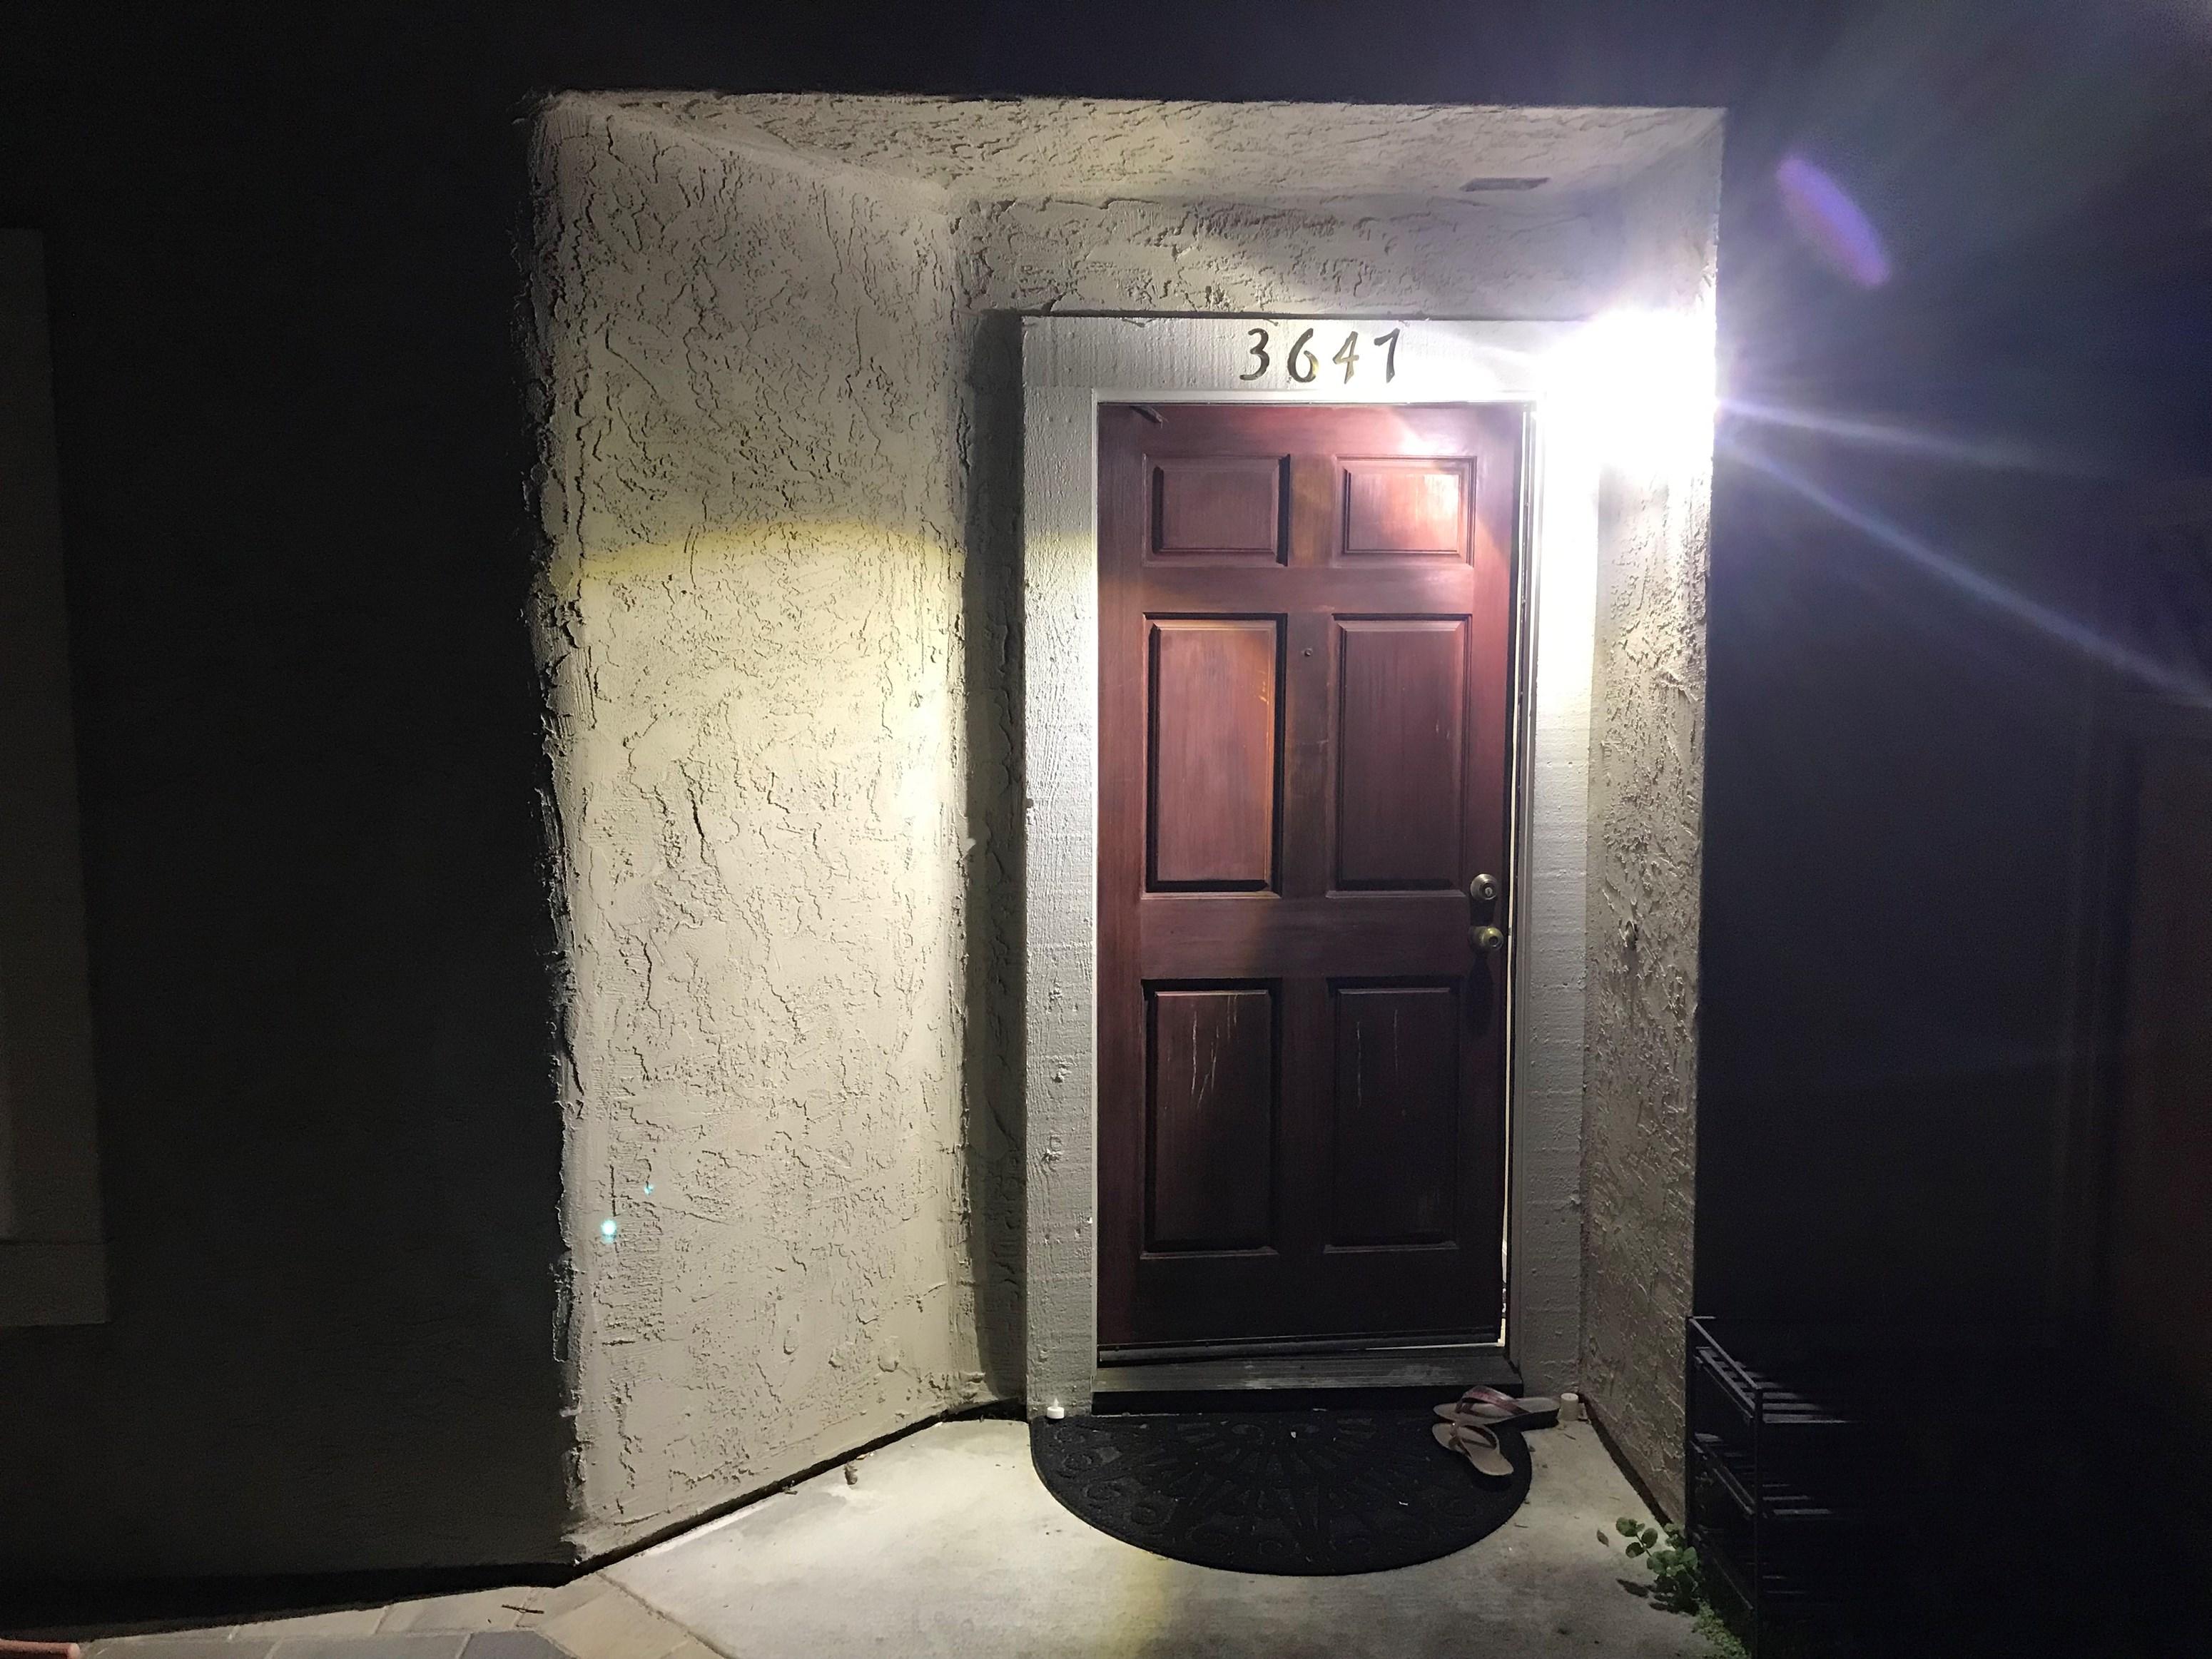 3 Bedroom Townhome In San Ramon   3 BHK Condo in San Ramon, CA   1184217 -  Sulekha Rentals